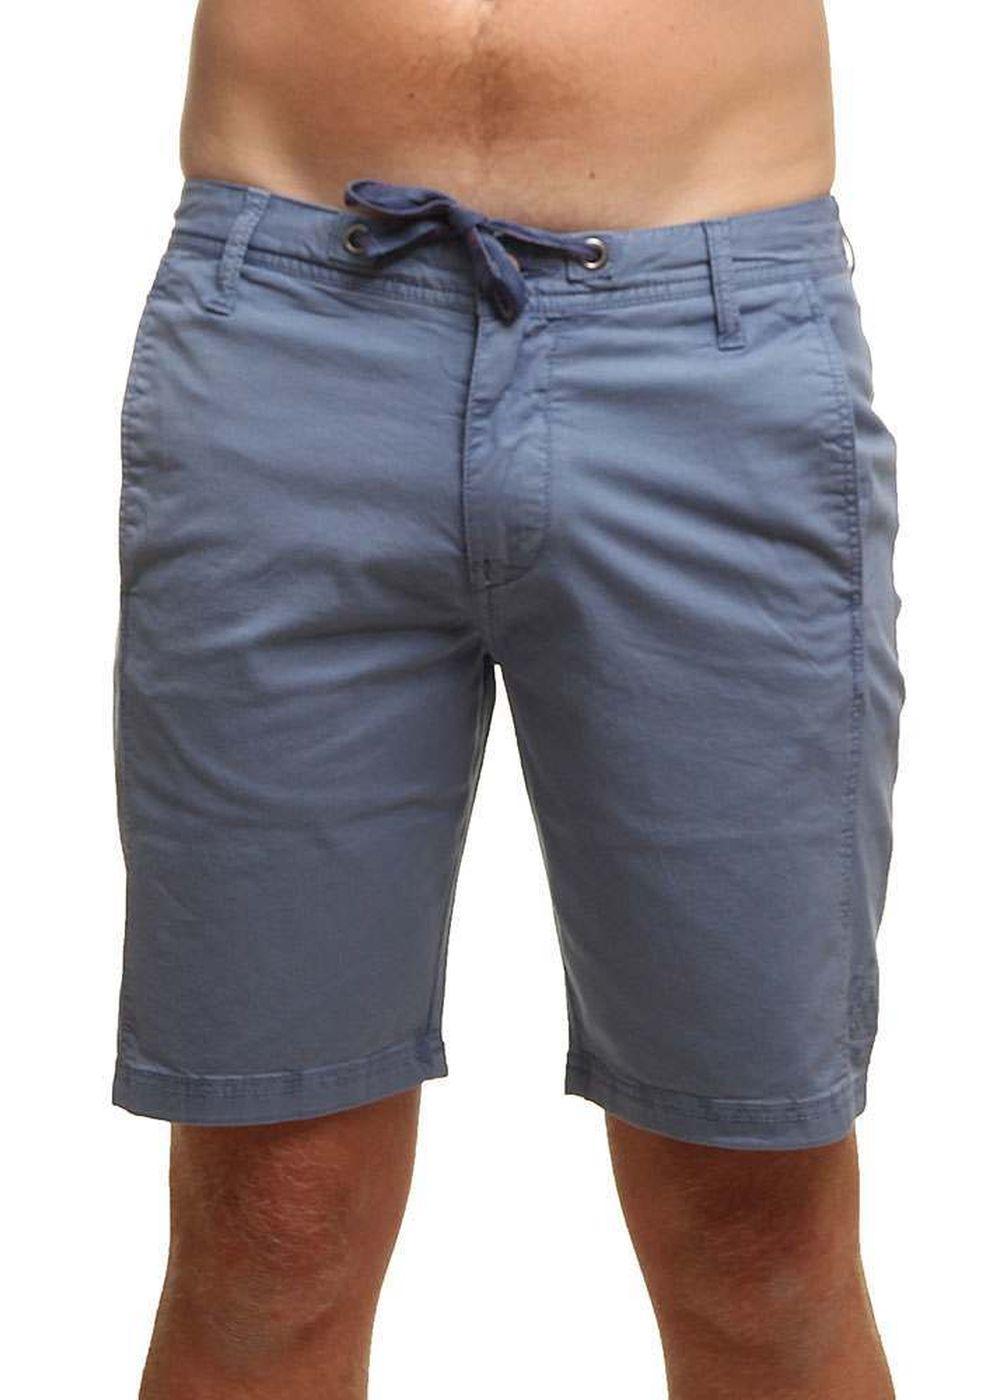 oxbow-alagoa-shorts-bleuet